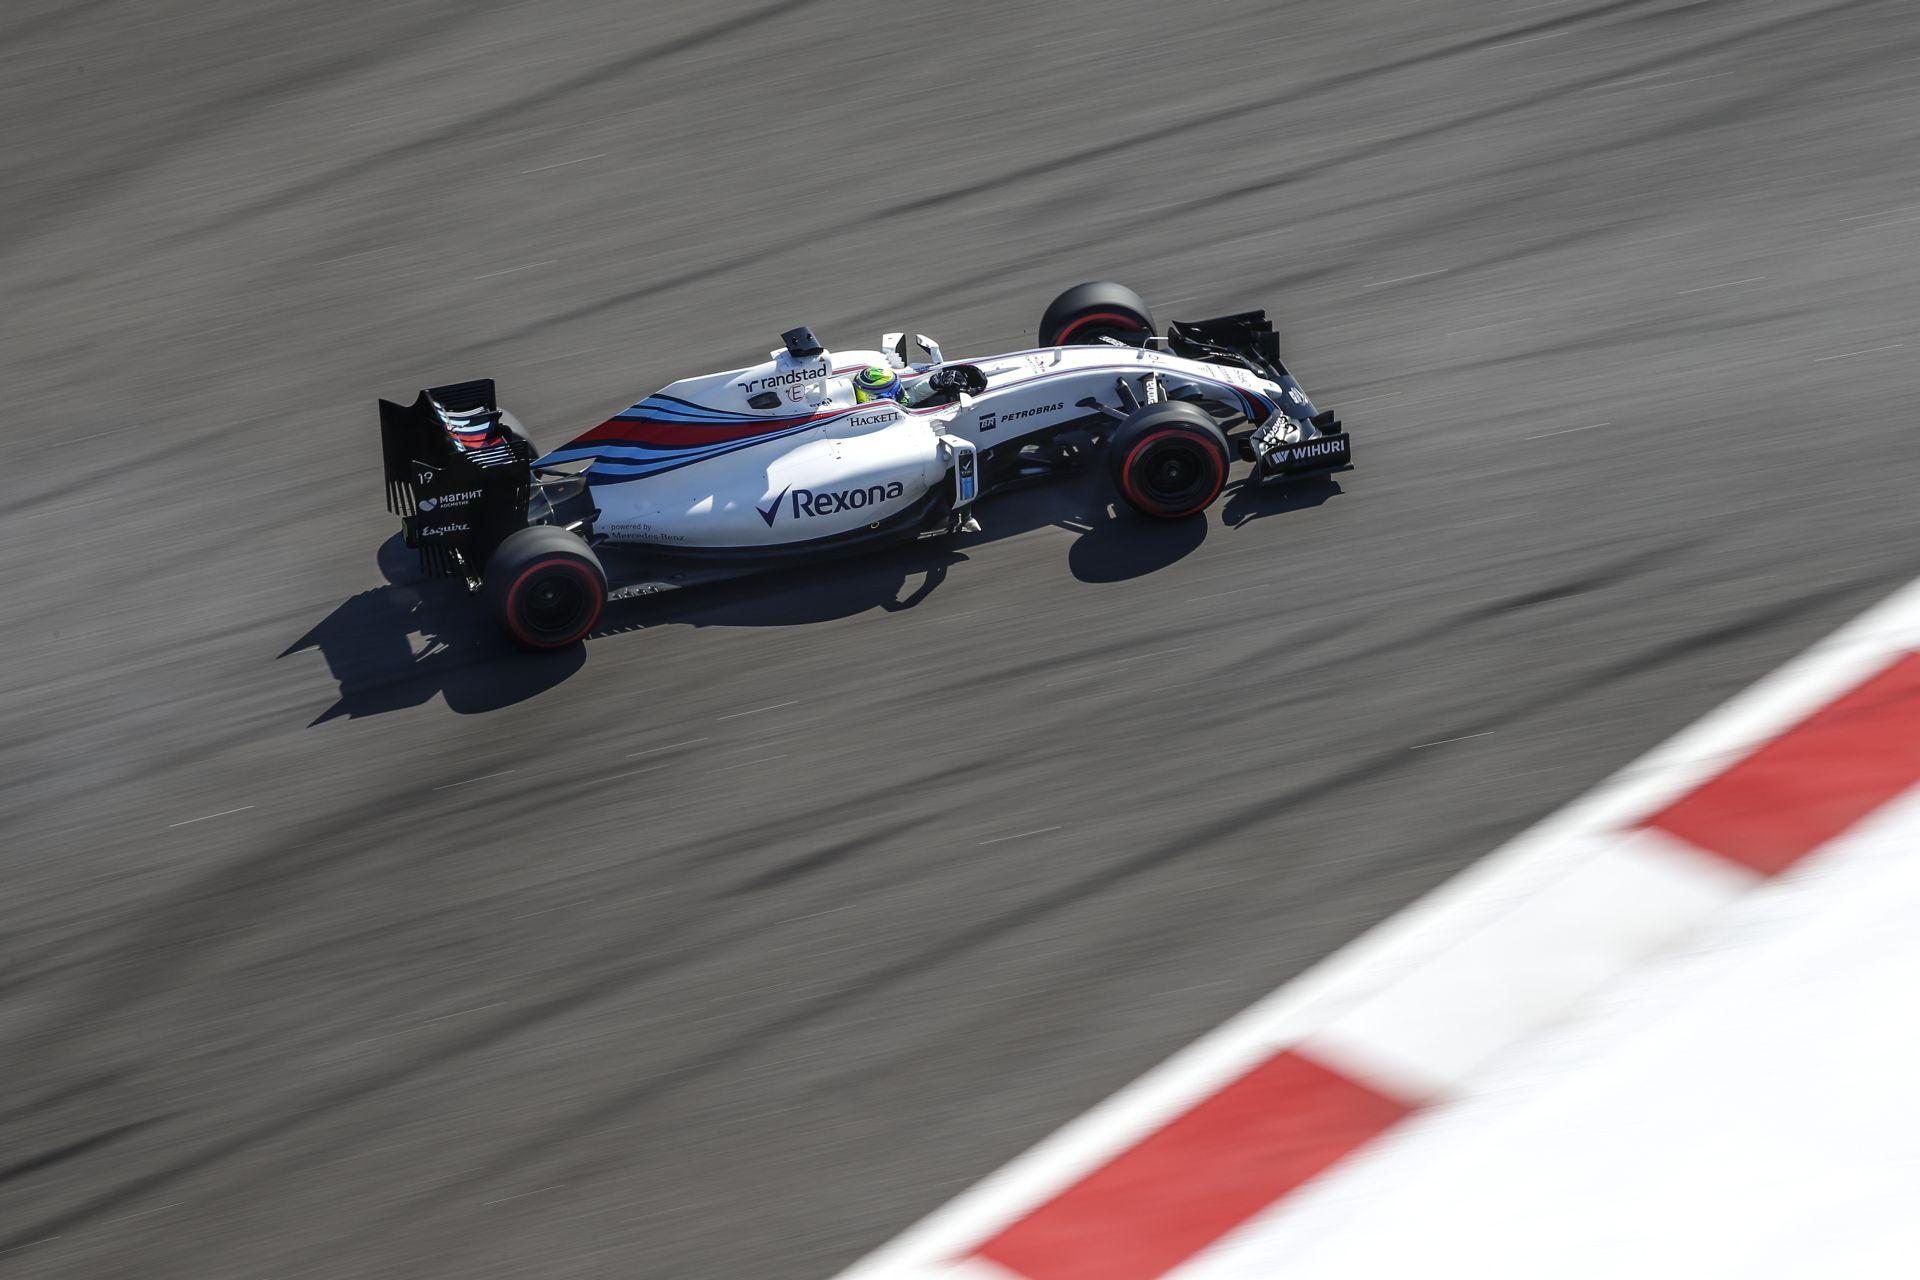 A Williams egyelőre csak a fejlesztéseiben rejlő potenciál 50%-át tudta előcsalogatni!